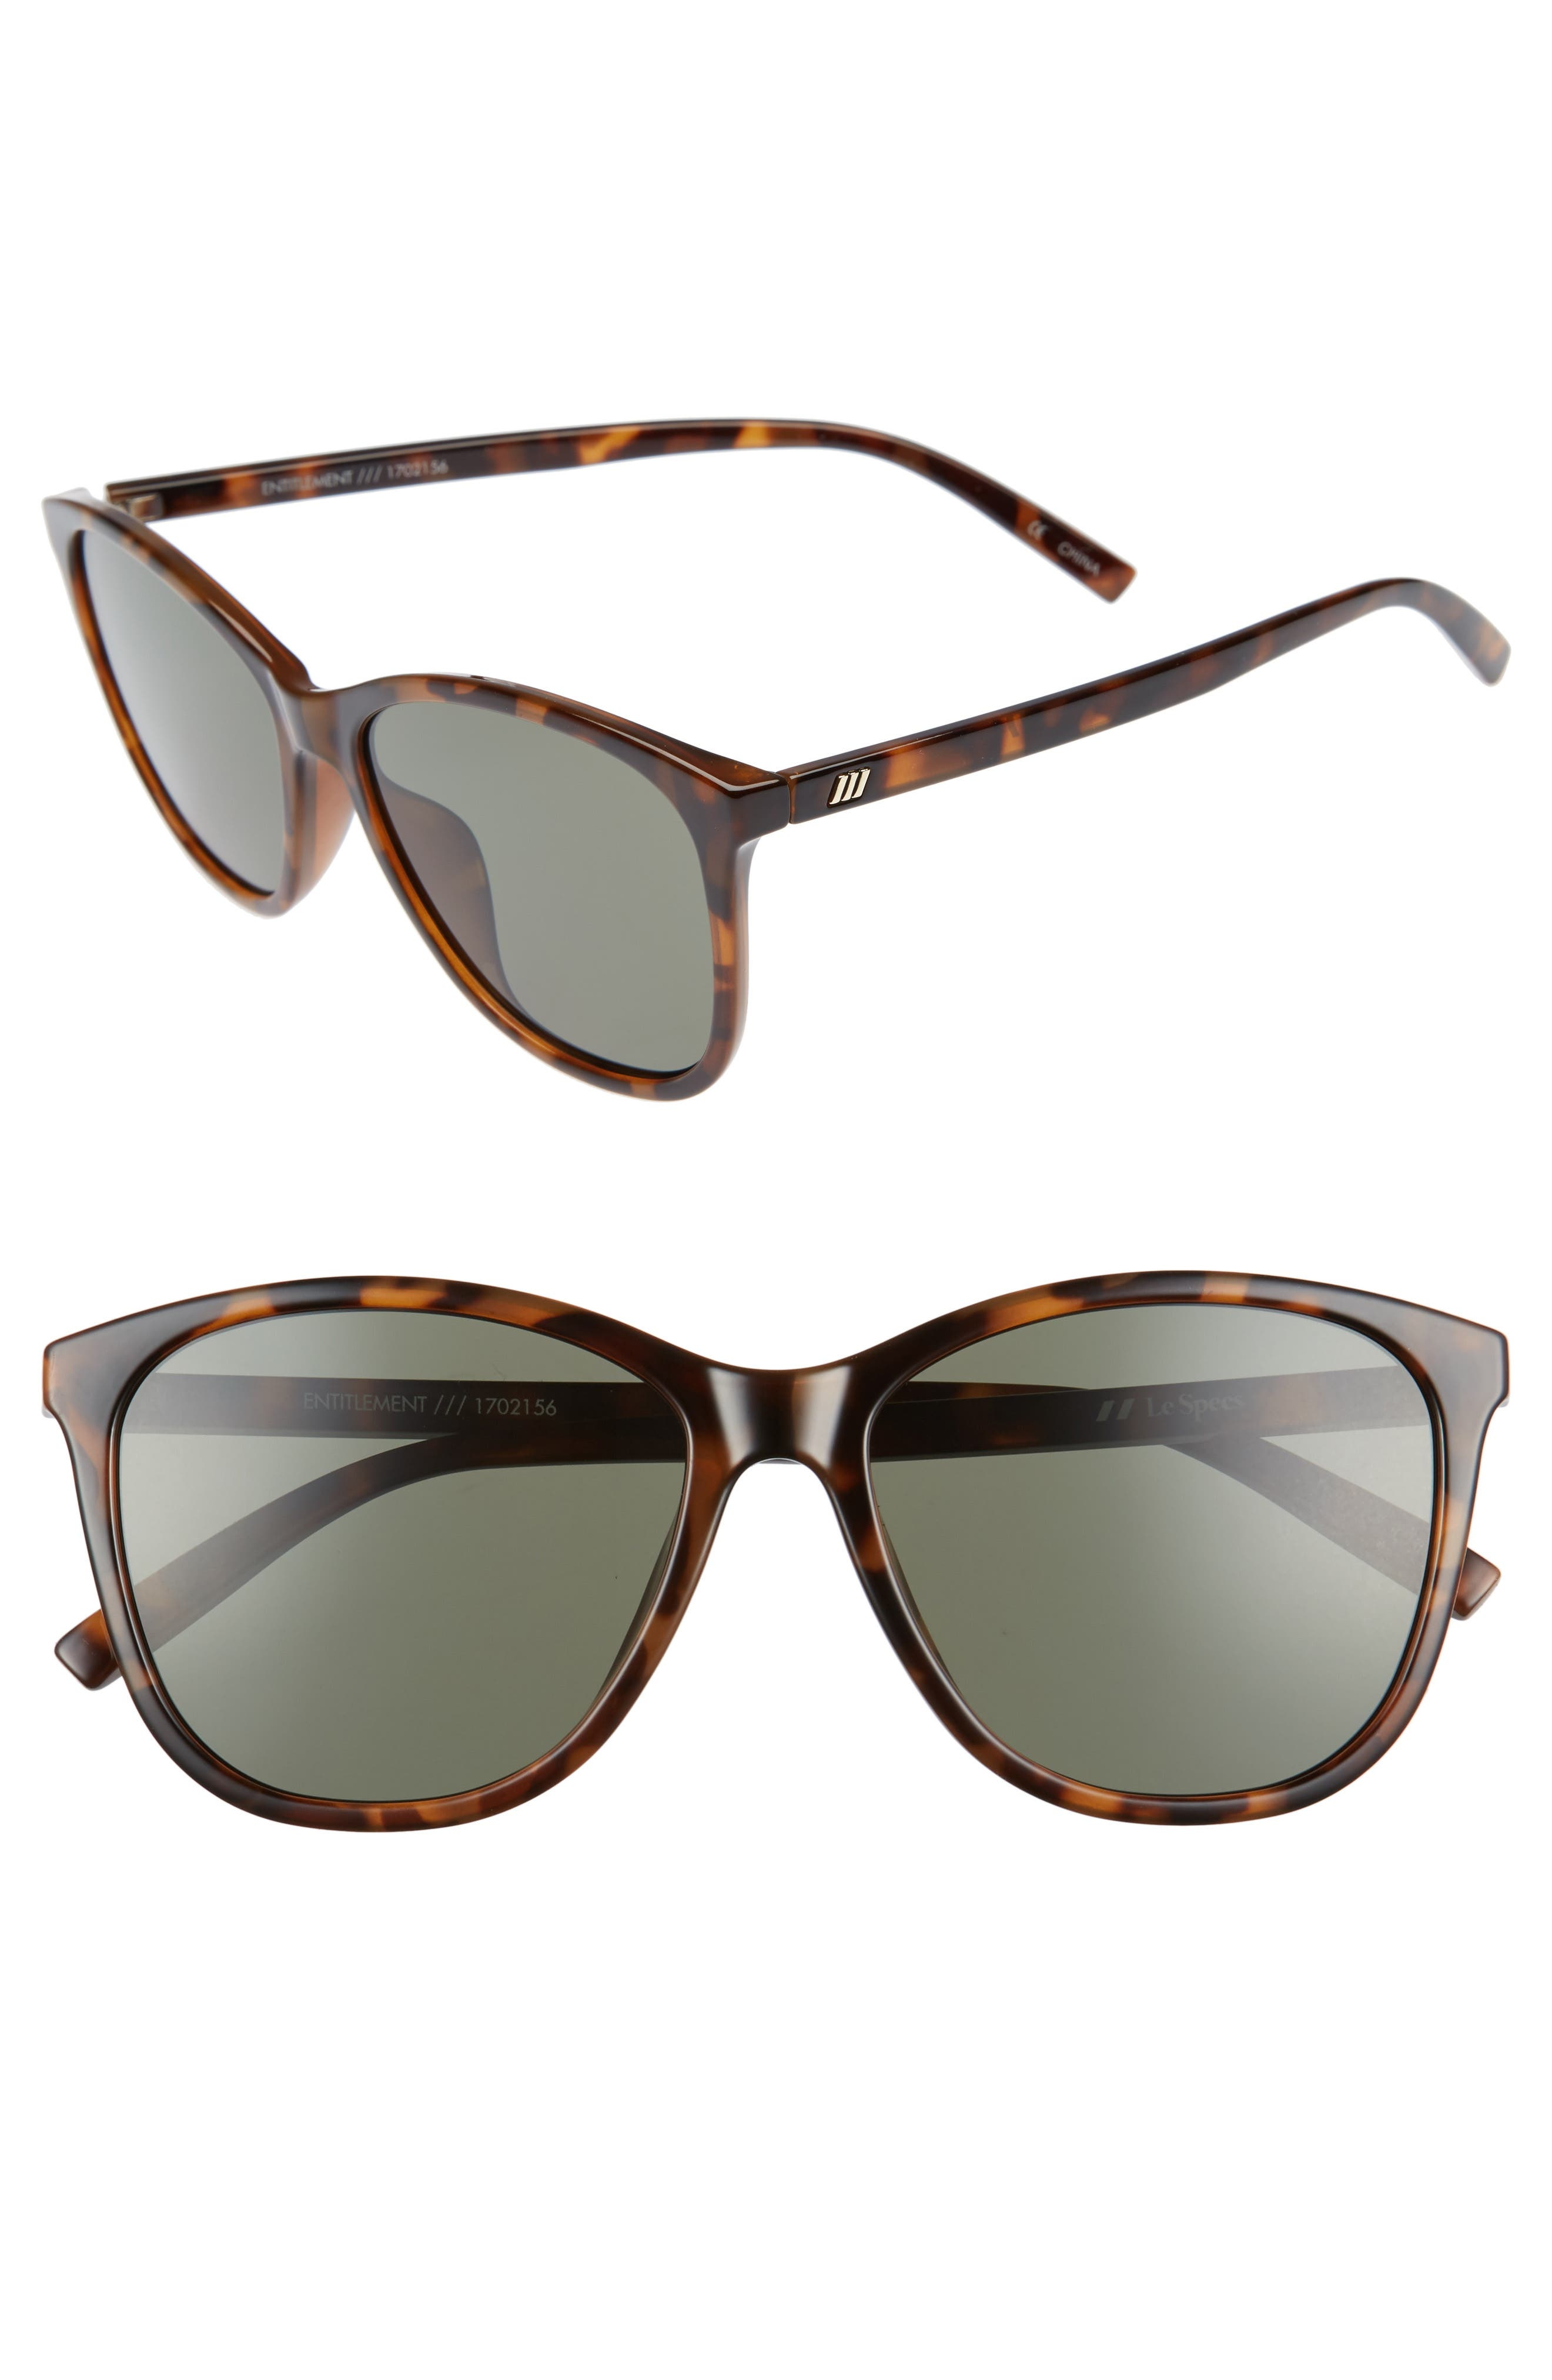 7721d826bb7 Women s Sunglasses - Le Specs